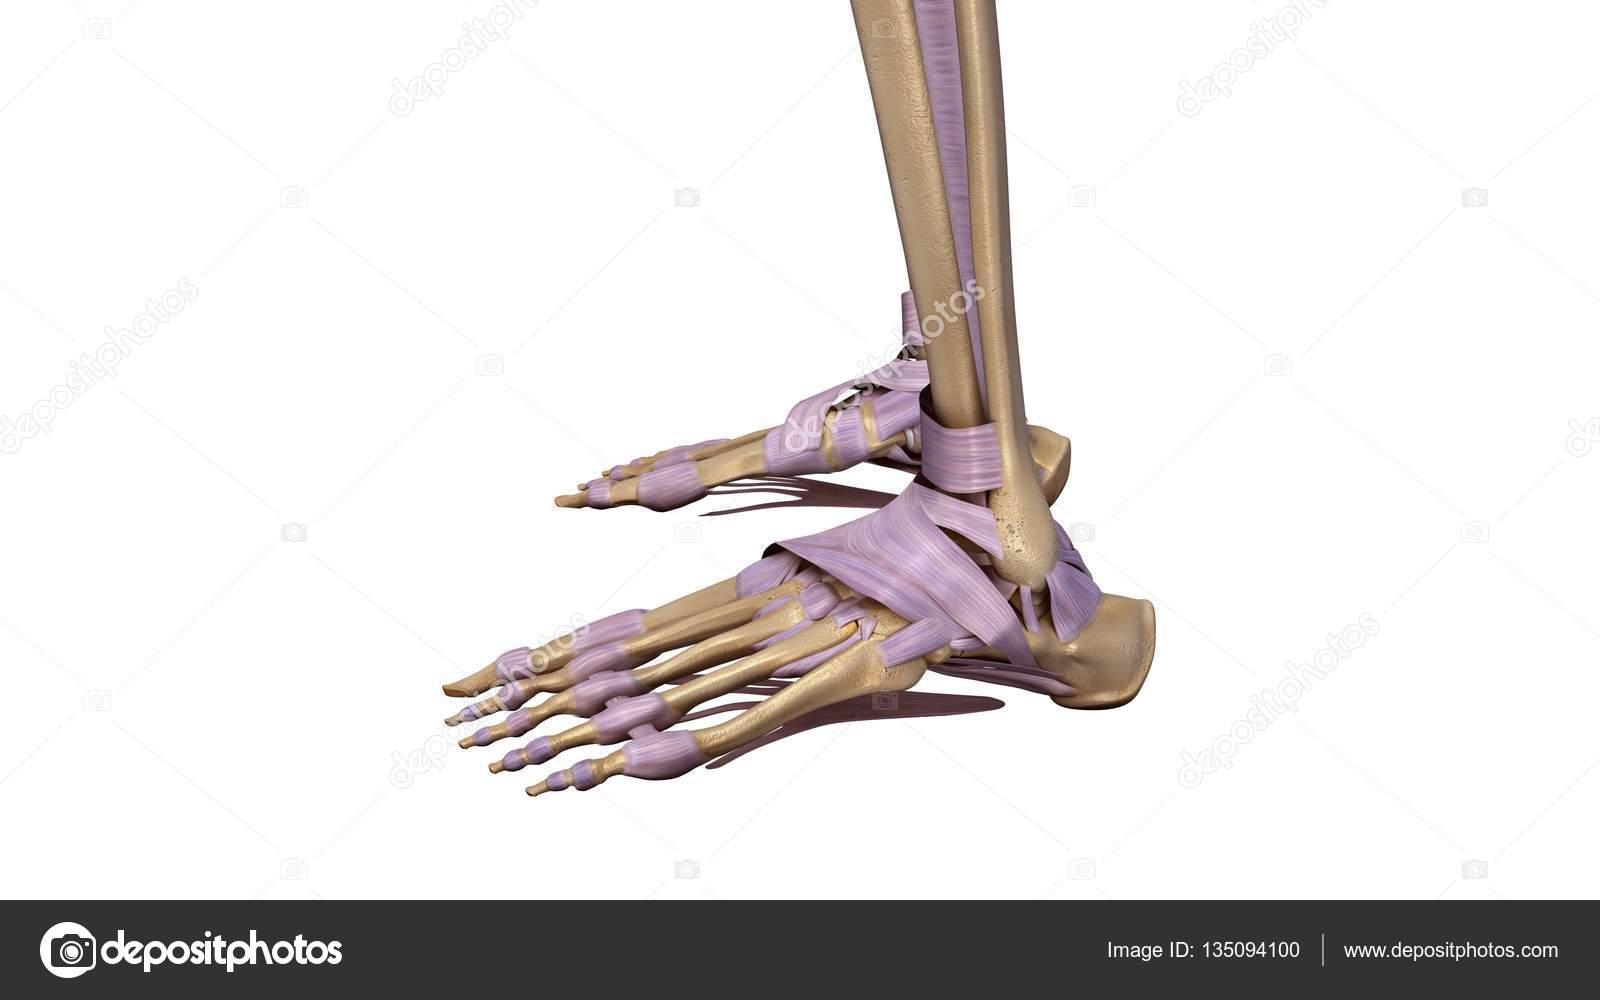 Esqueleto pie con ligamentos — Foto de stock © sciencepics #135094100